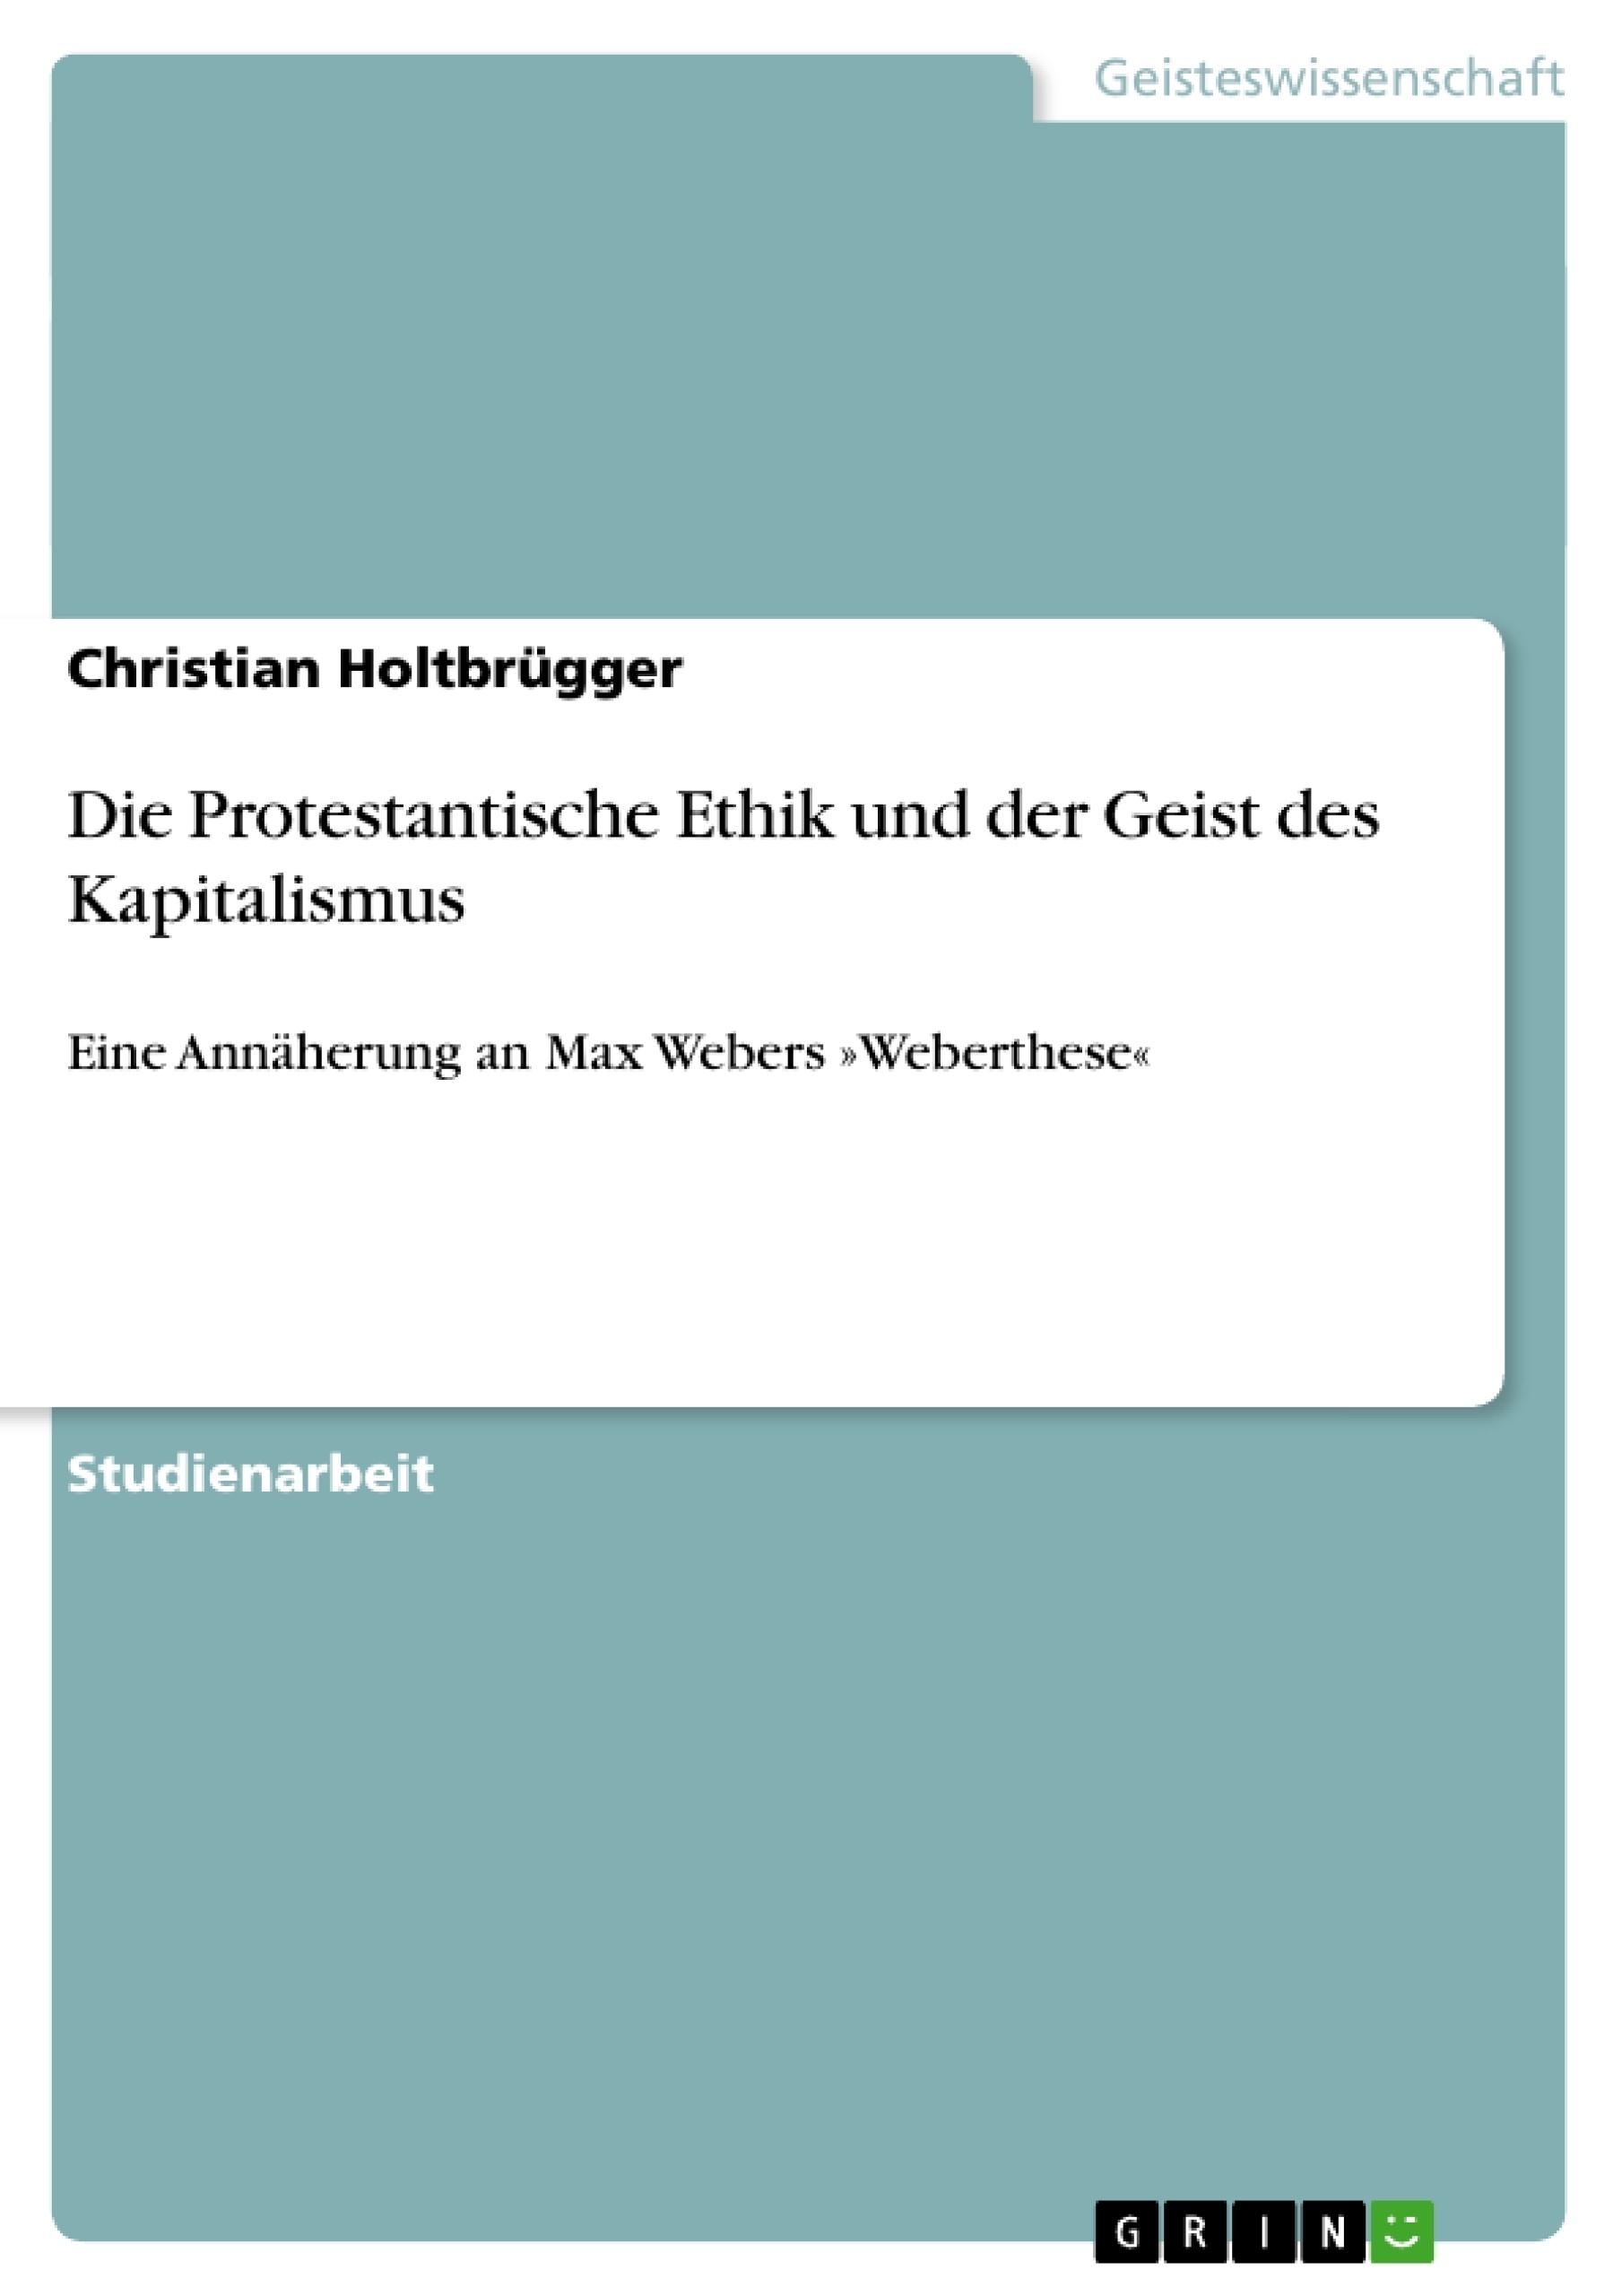 Titel: Die Protestantische Ethik und der Geist des Kapitalismus